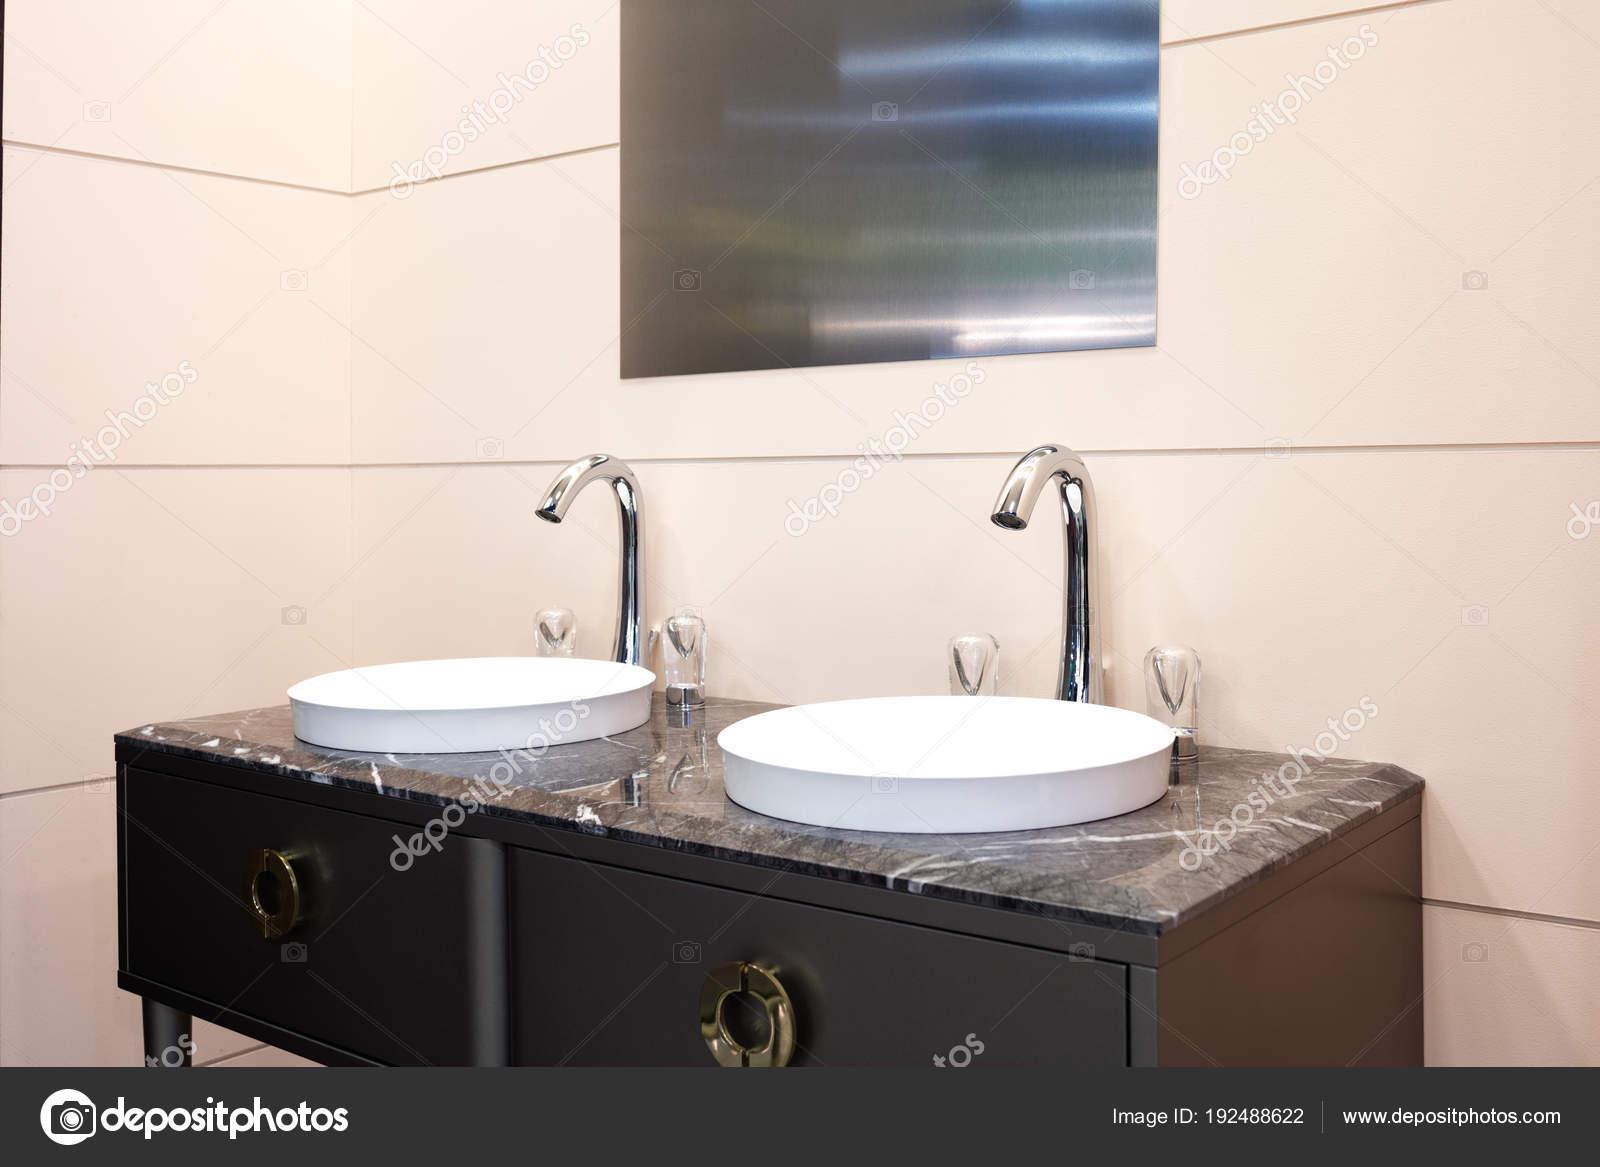 Arredamento Moderno Bagno Con Due Lavabo Rubinetto — Foto Stock ...